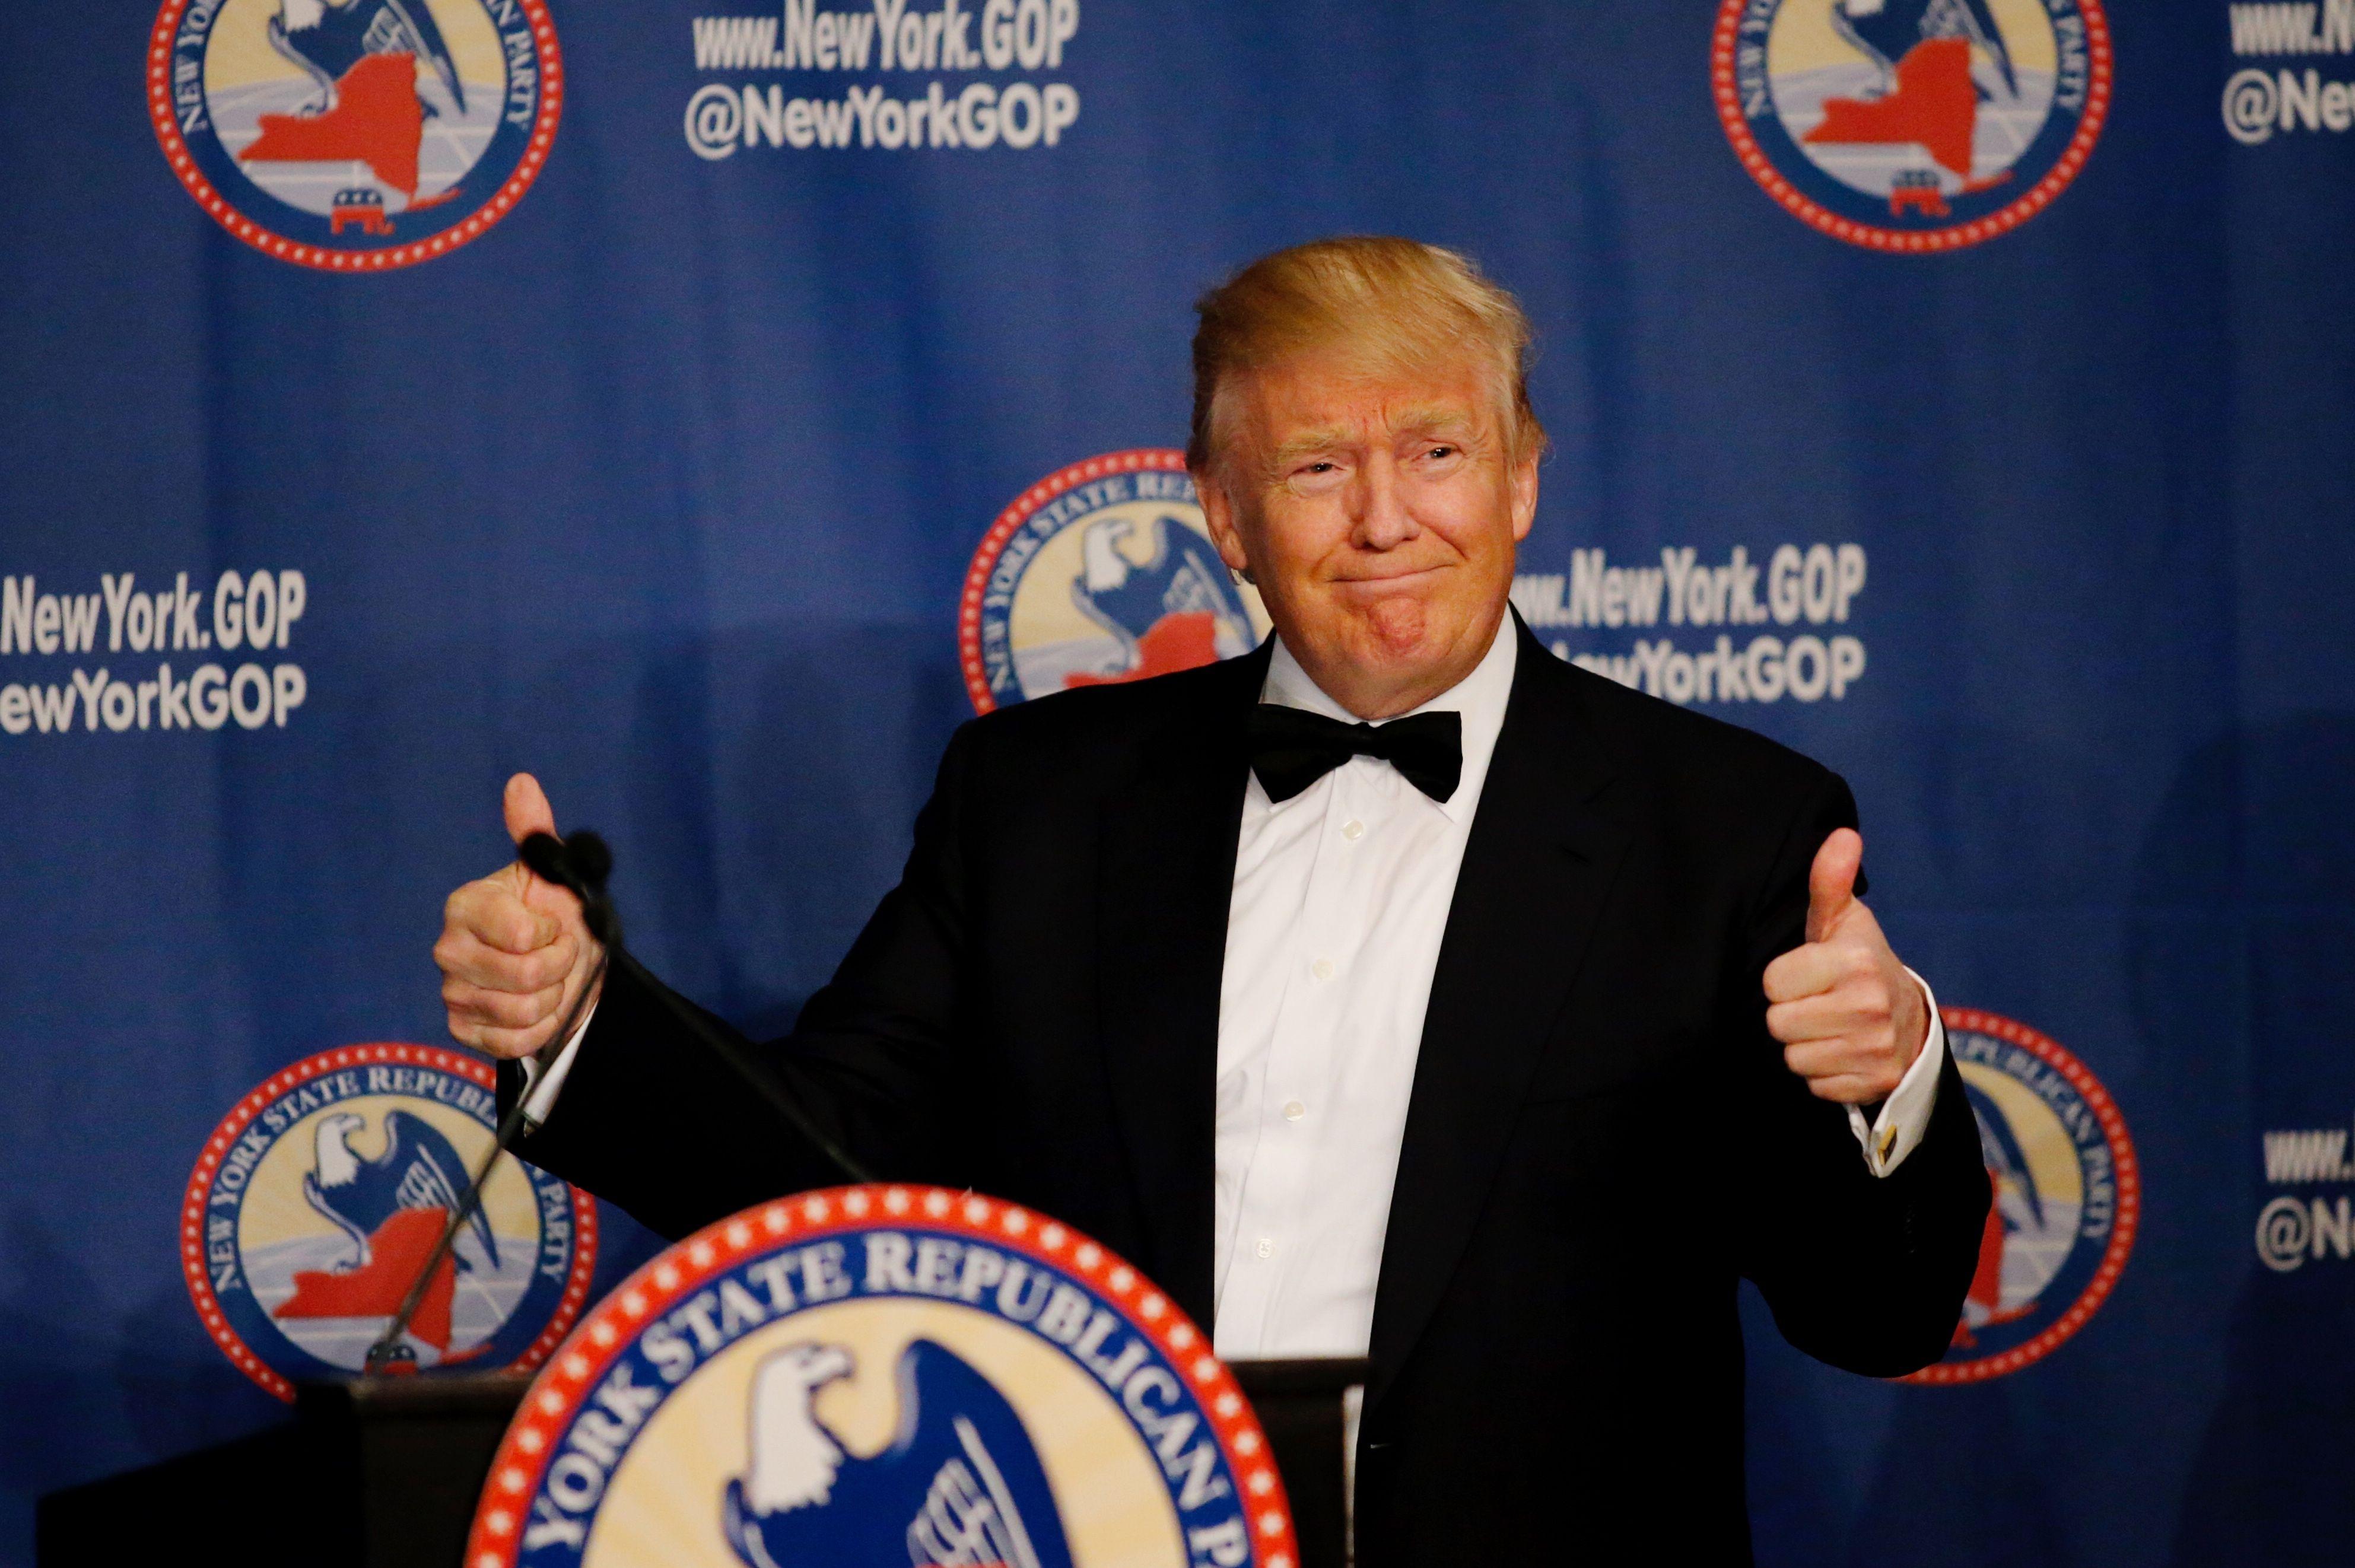 Donald Trump nem emlékszik arra, hogy azt mondta volna, neki van a világon az egyik legjobb memóriája